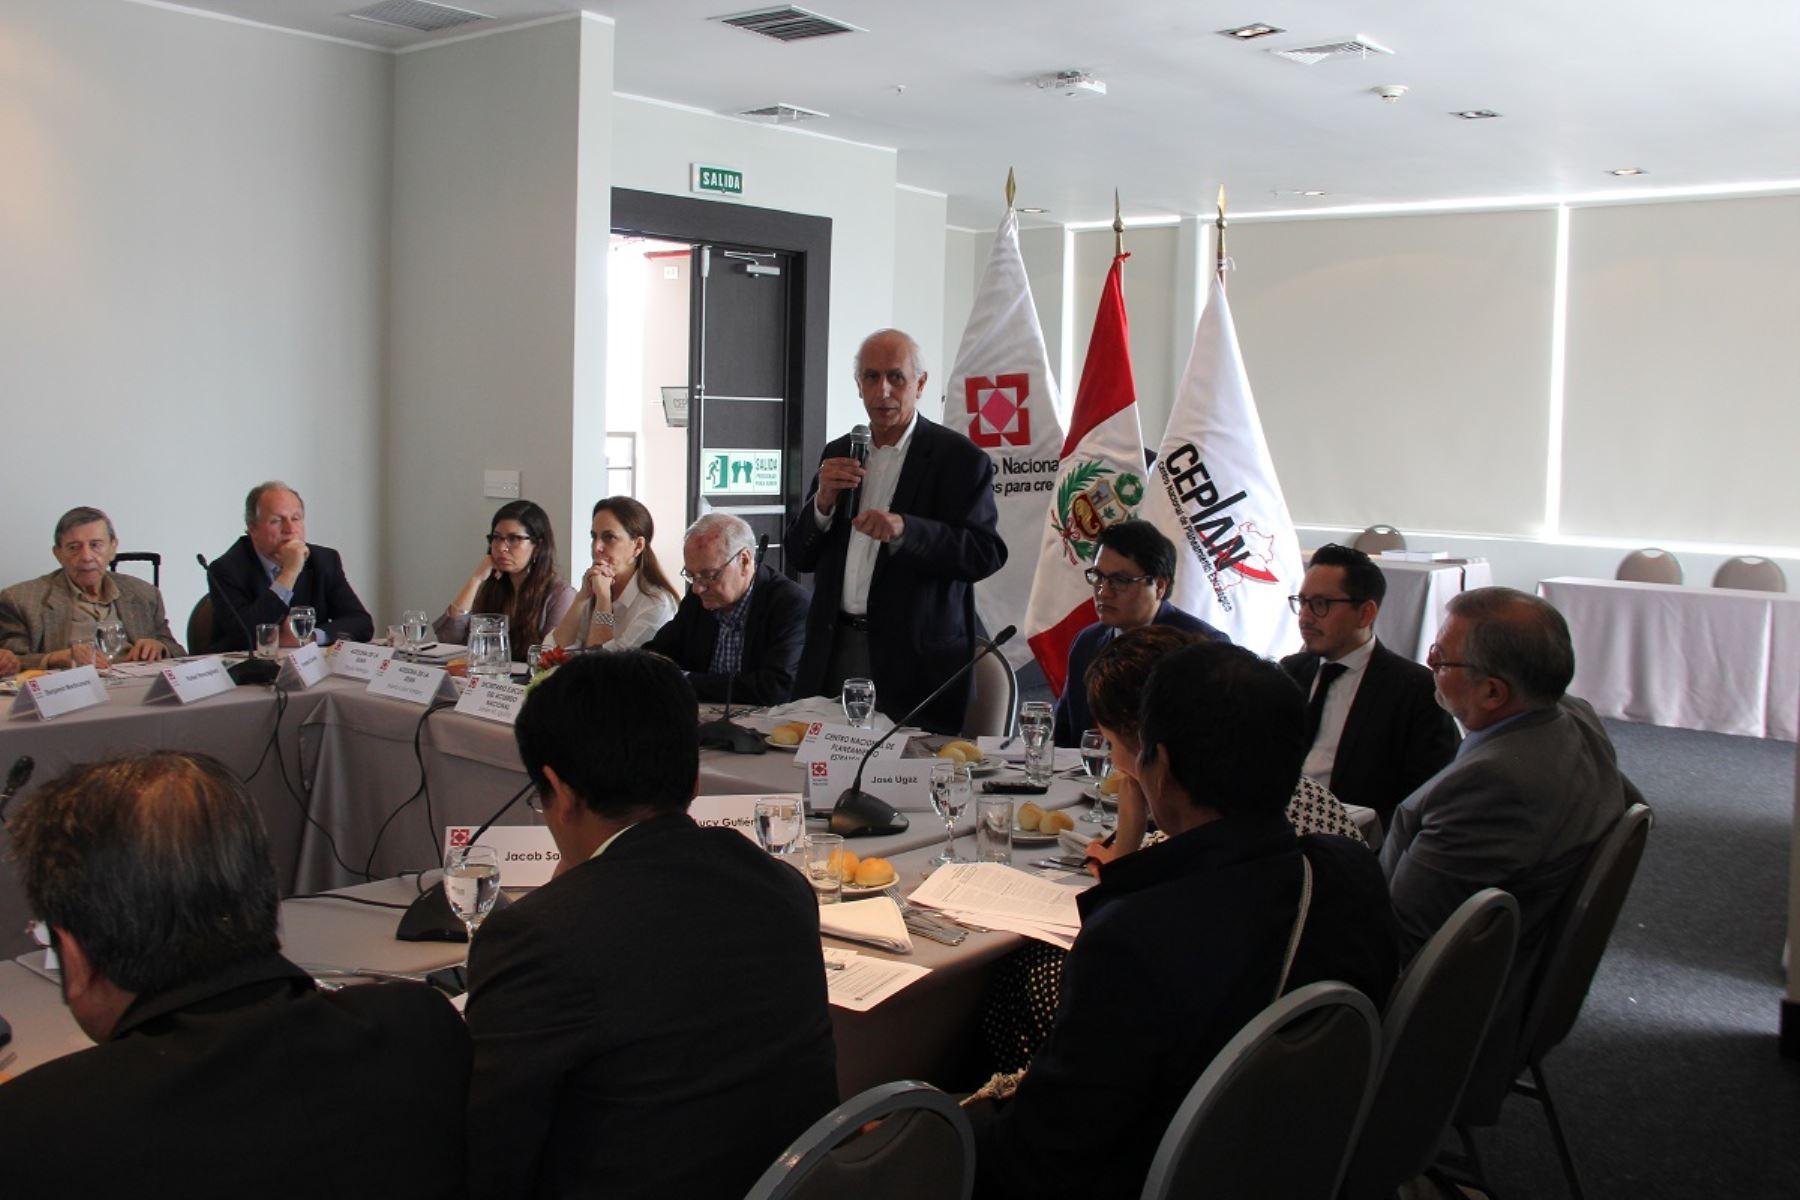 Presidente de Ceplan, Javier Abugattás presenta visión concertada de país al 2030 a expertos para su reflexión. Foto: Cortesía.